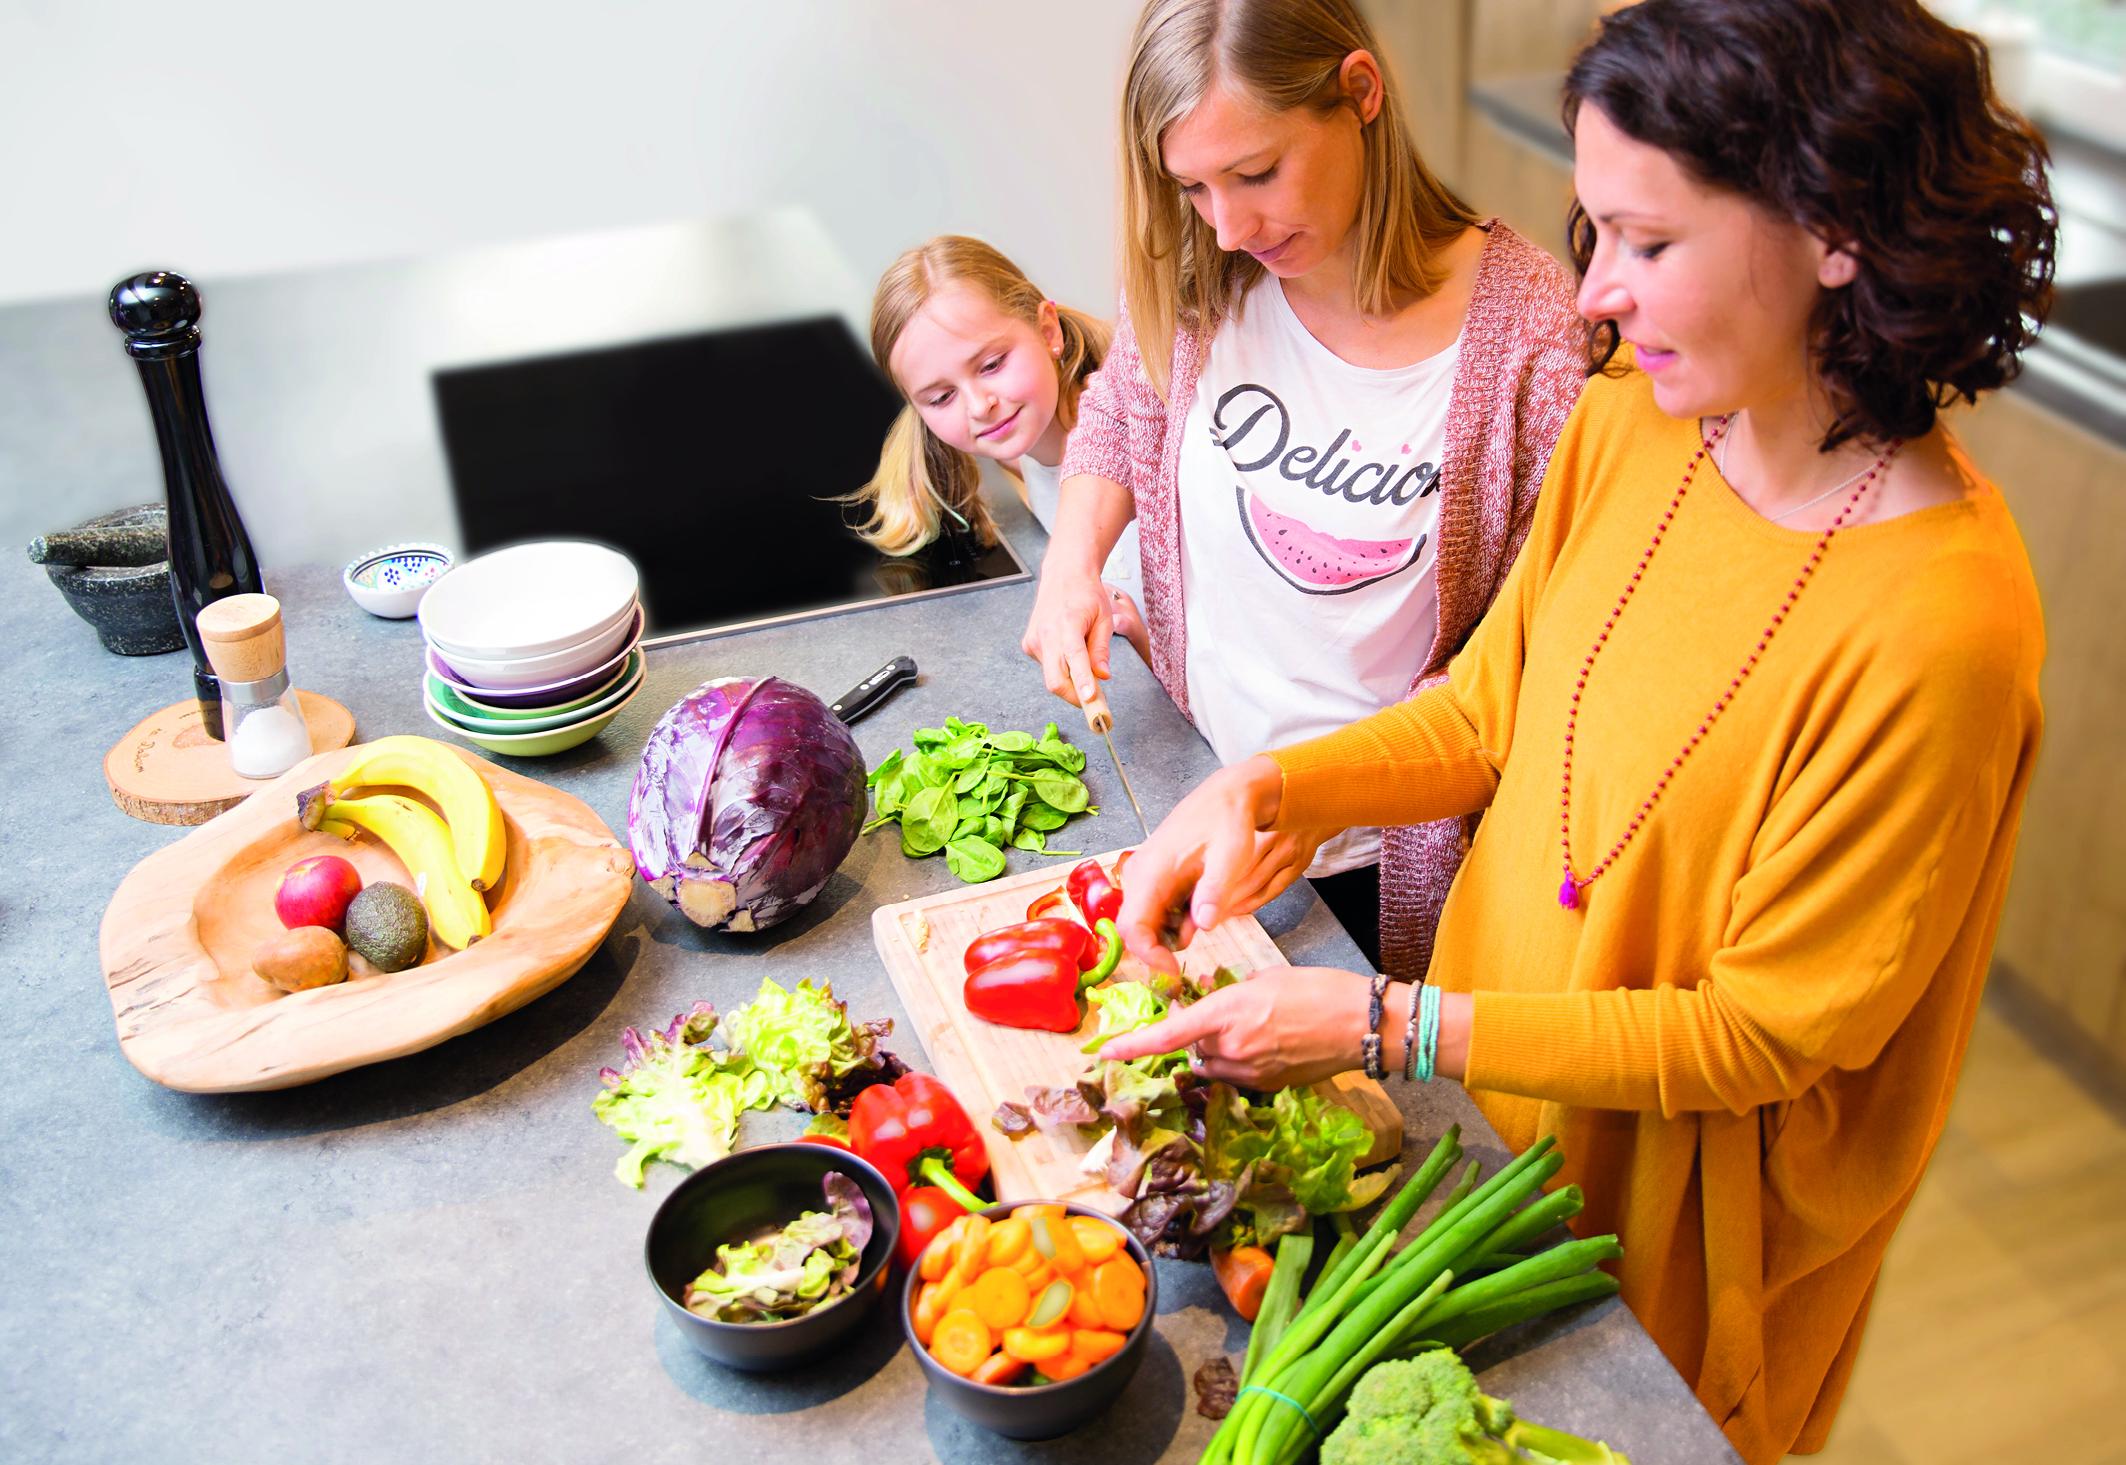 Zwei Frauen schneiden Gemüse klein, um dies später dann fermentieren zu können